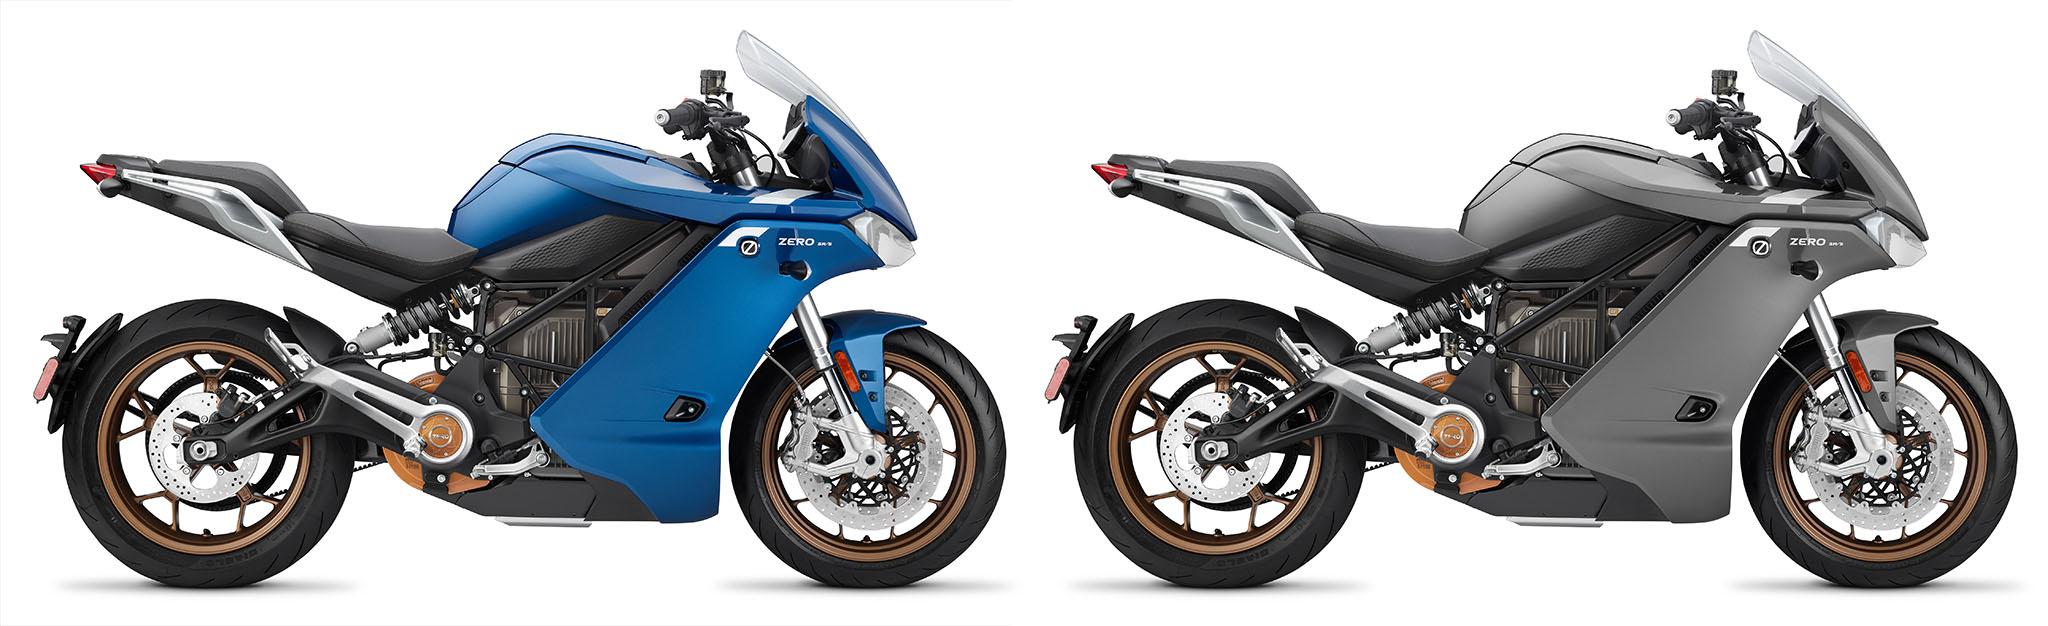 Zero SR/S ZF14.4 behåller färgerna grått och blått i 2021 års modeller.